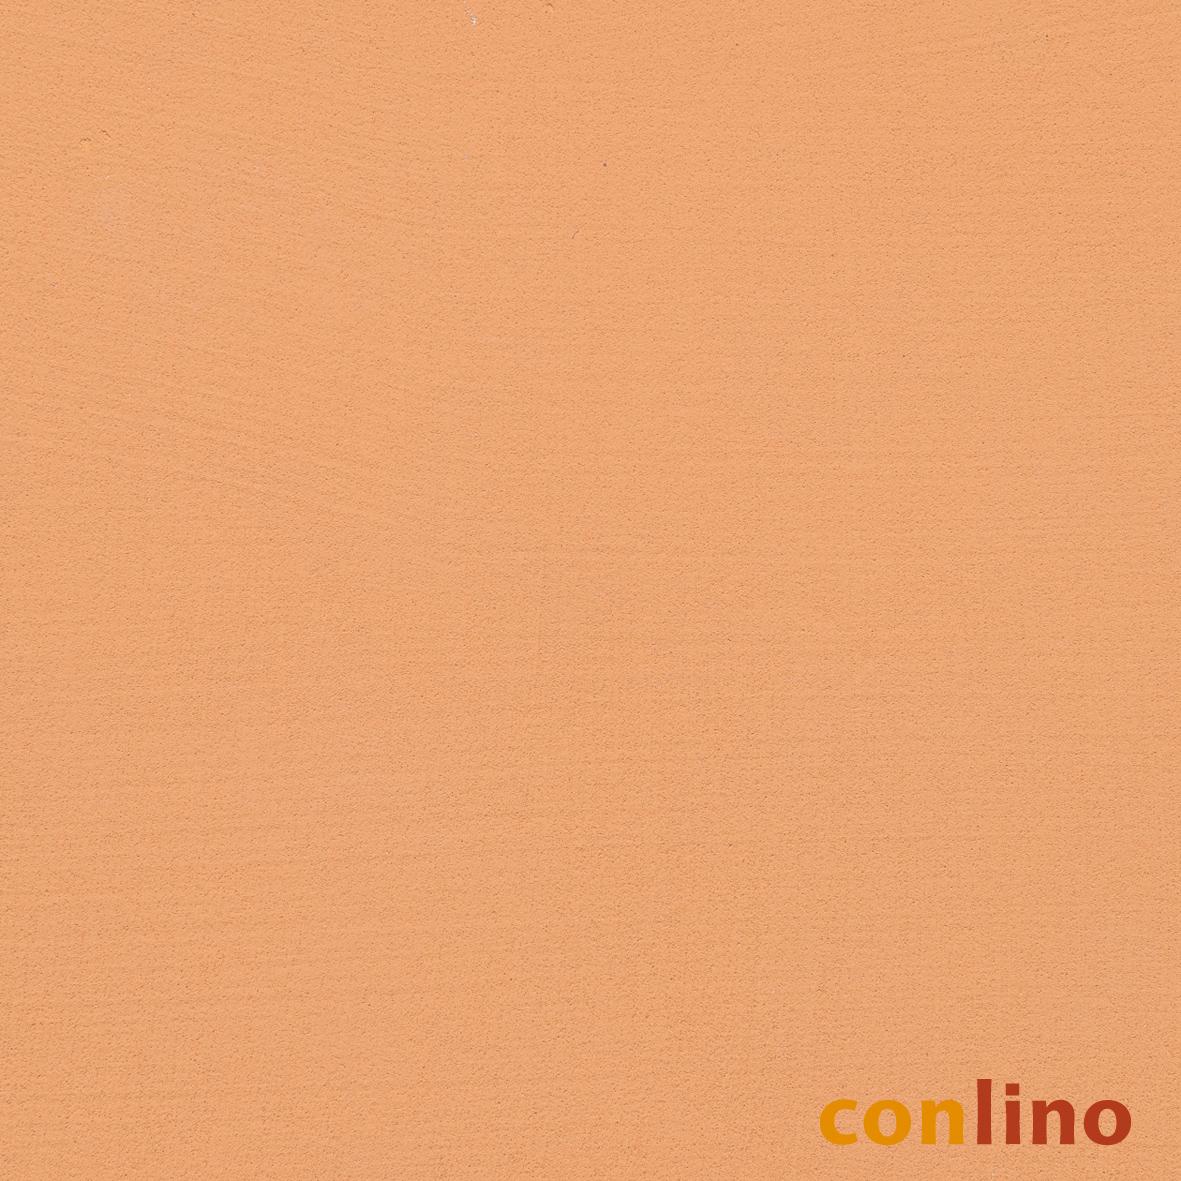 conluto Lehmfarbe Arancio CL 125